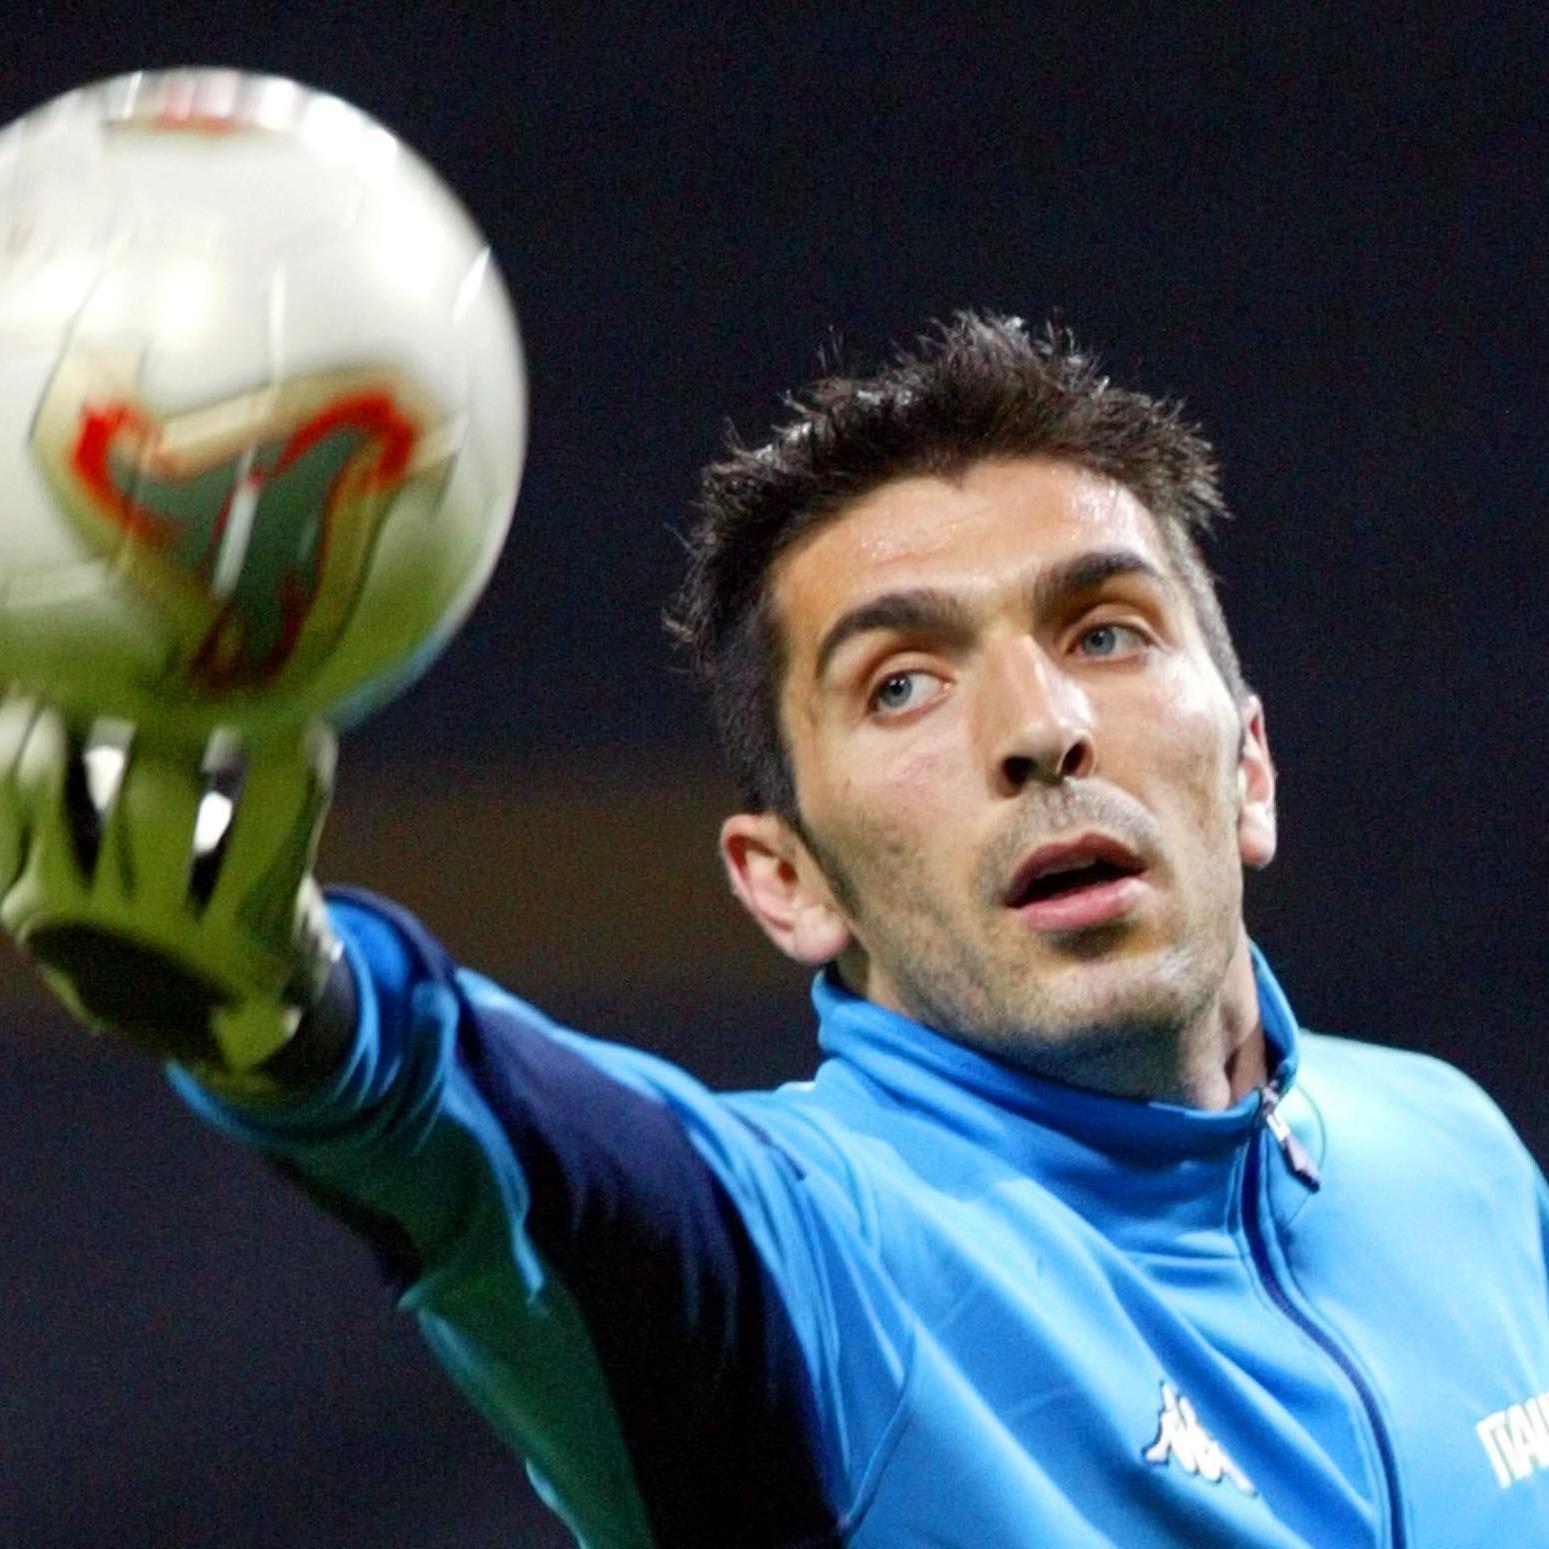 Der Torhüter Buffon absolvierte Ehrenrunde in Unterhosen.